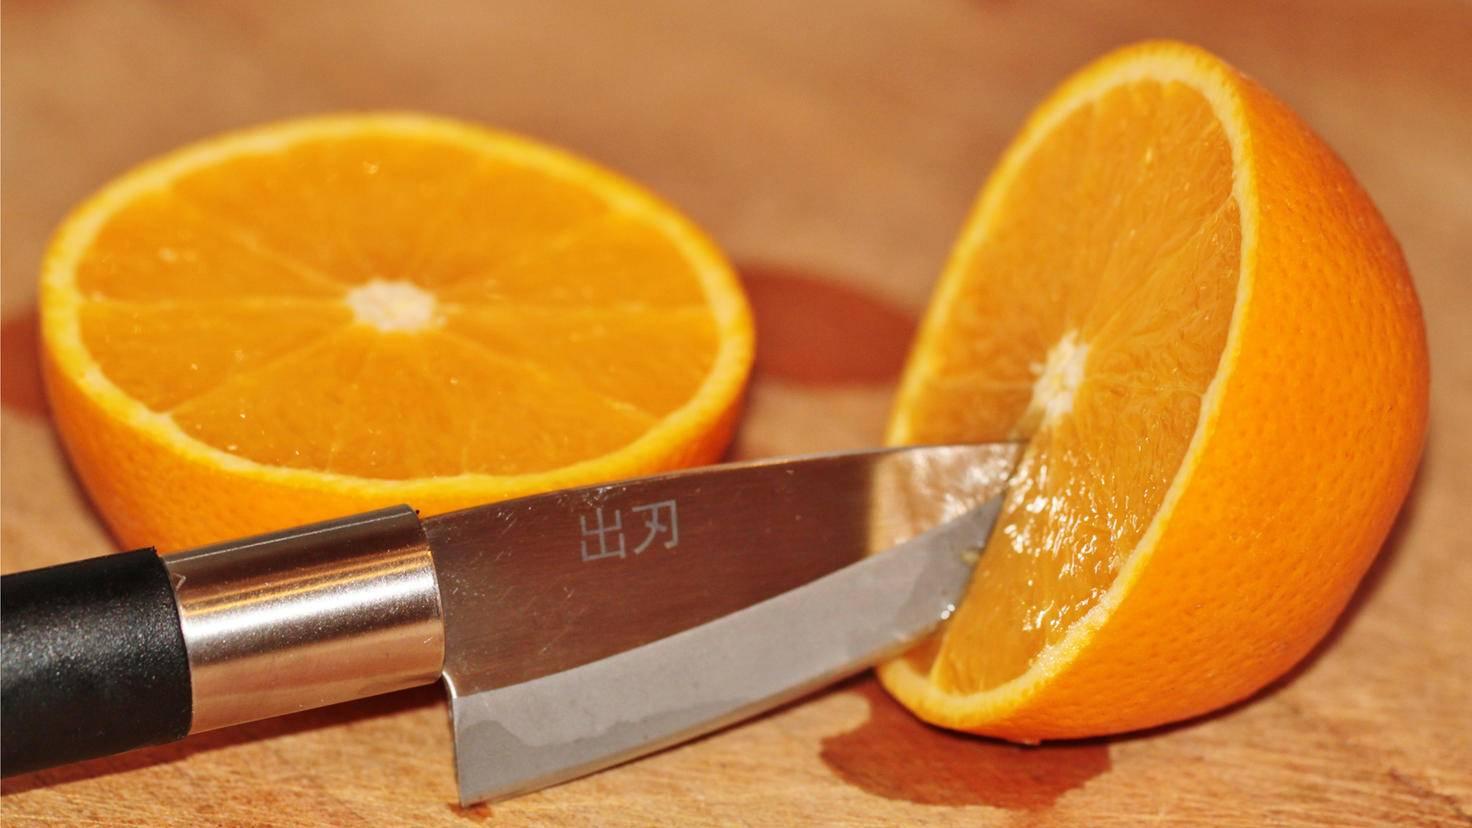 Statt eines scharfen Messers kommt bei diesem Lifehack ein Löffel zum Einsatz.